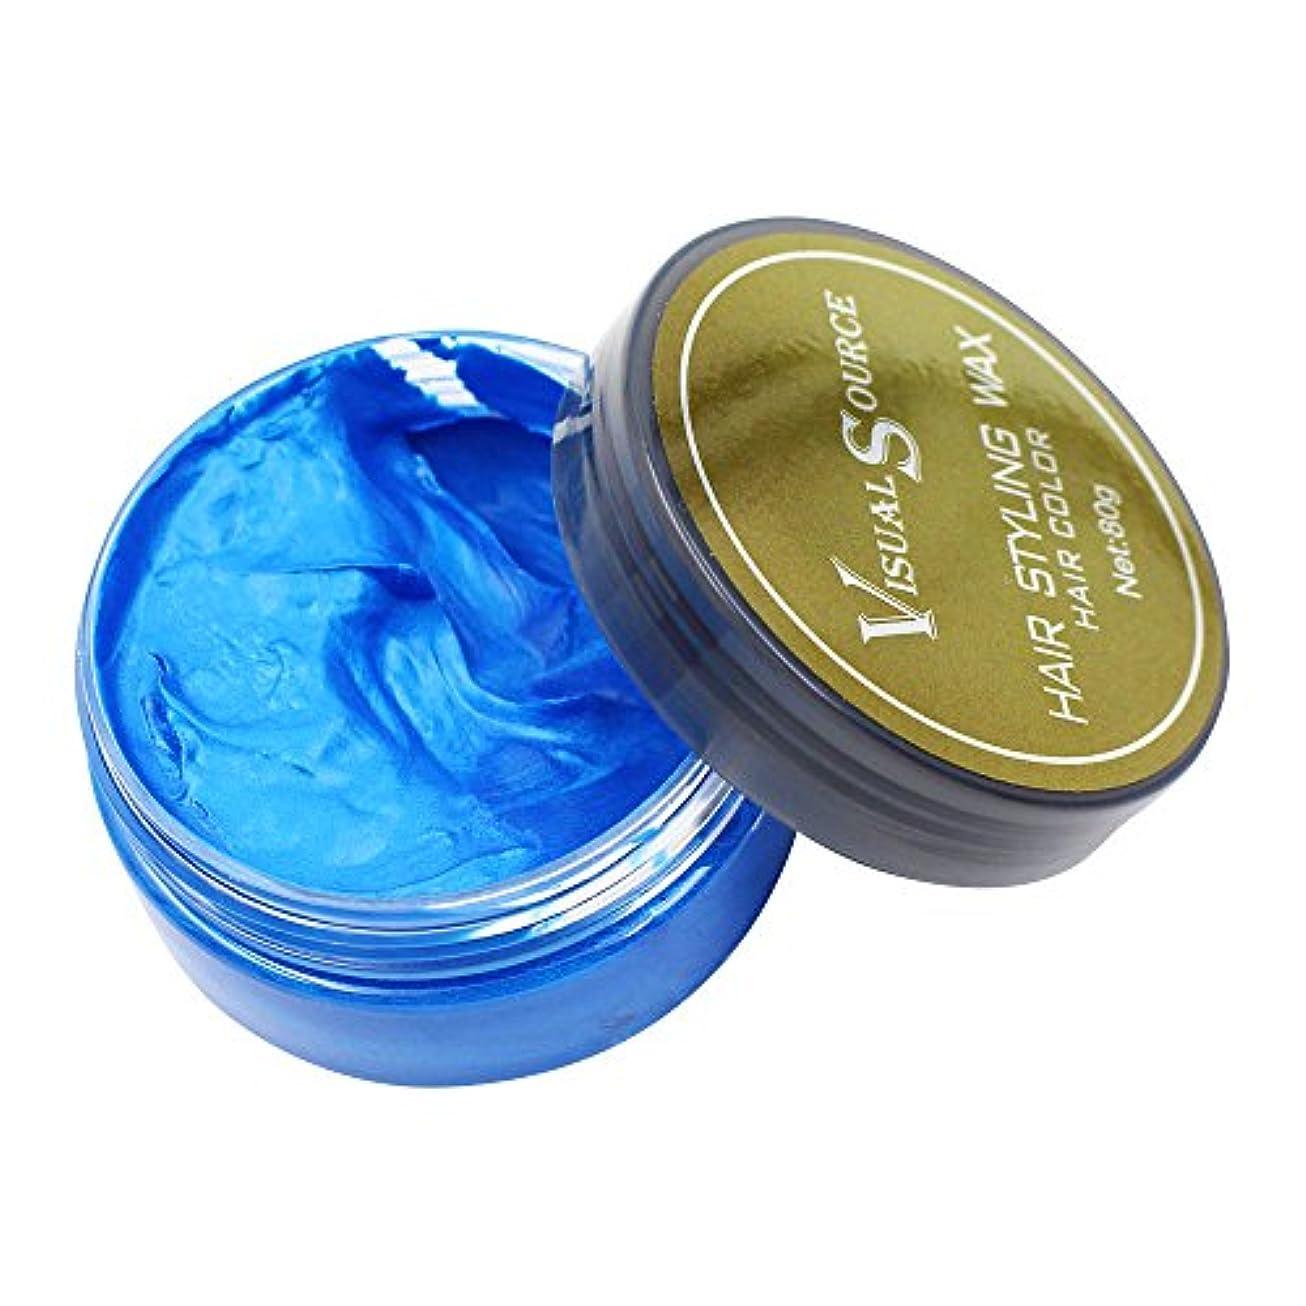 最も遠い組立相談するVISUAL SOURCE [ビジュアルソース] ヘアワックス ストレート ヘア用 シルバー?アッシュ シャンプーで色付き 整髪料 80g (ブルー)